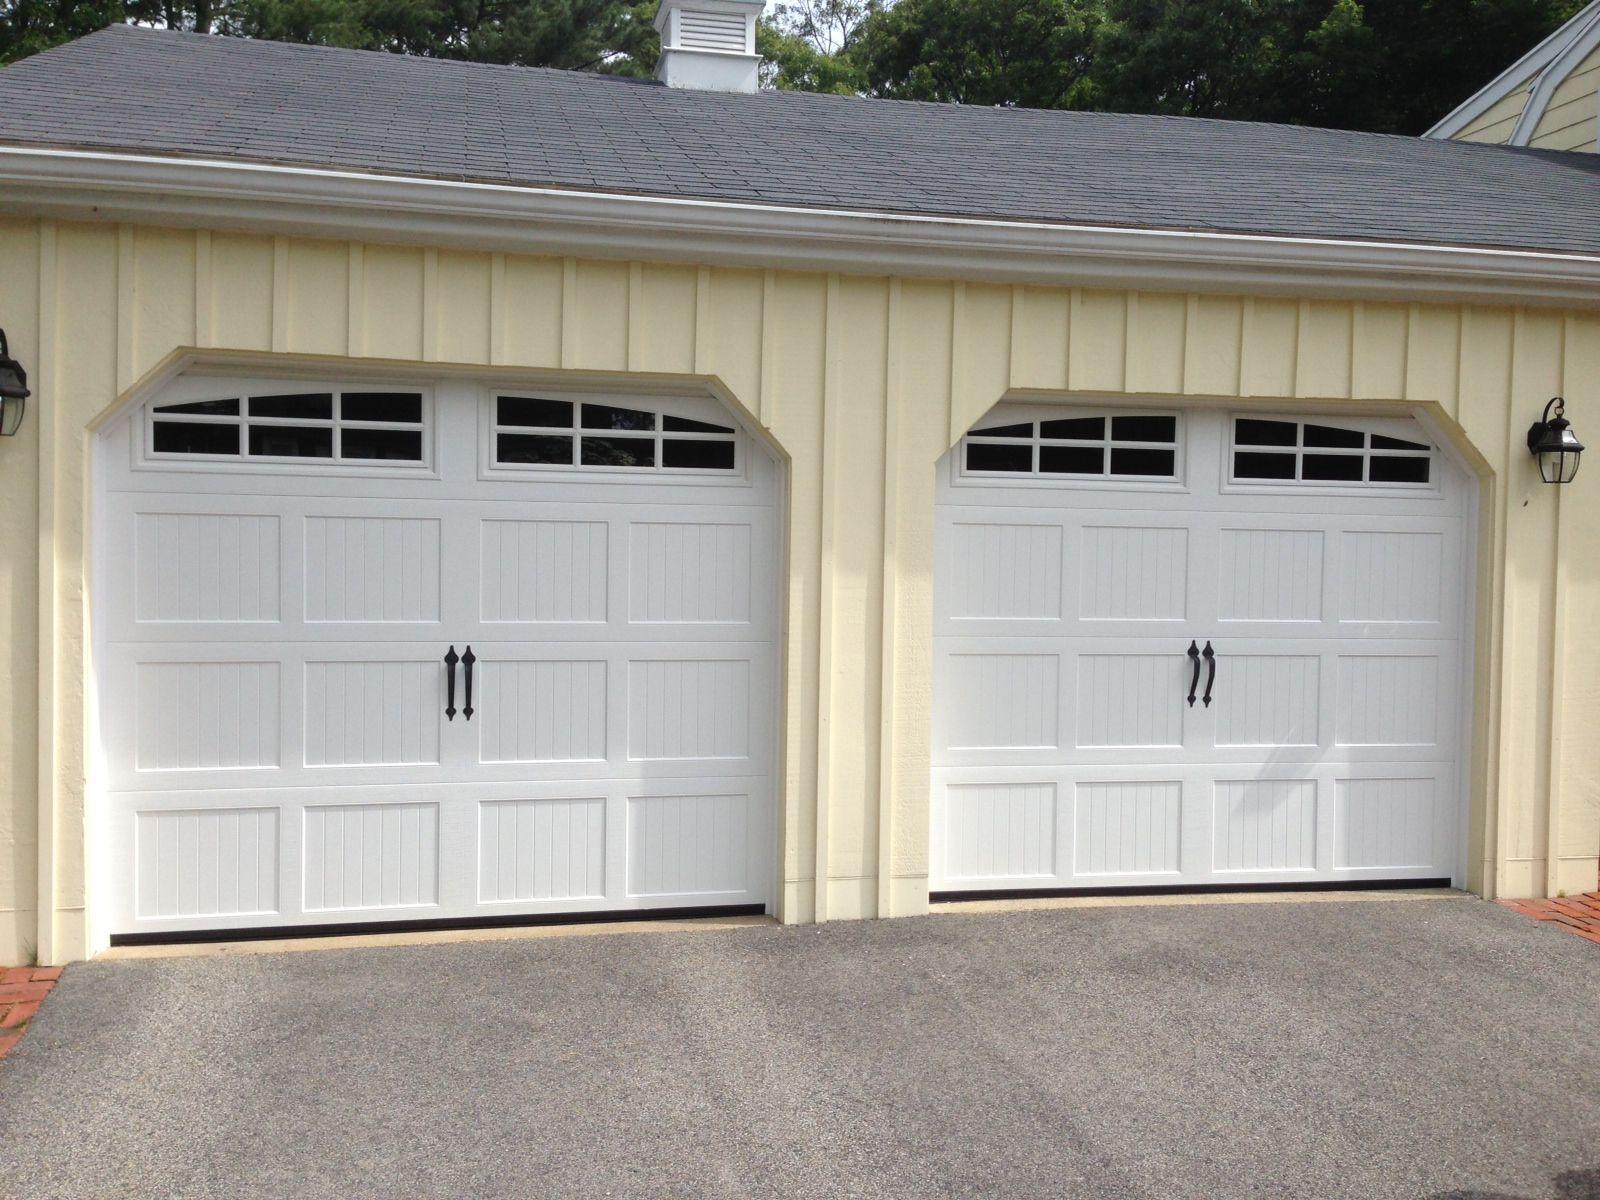 White carriage garage door - Haas Model 660 Steel Carriage House Style Garage Doors In White With Arch 6 Pane Glass